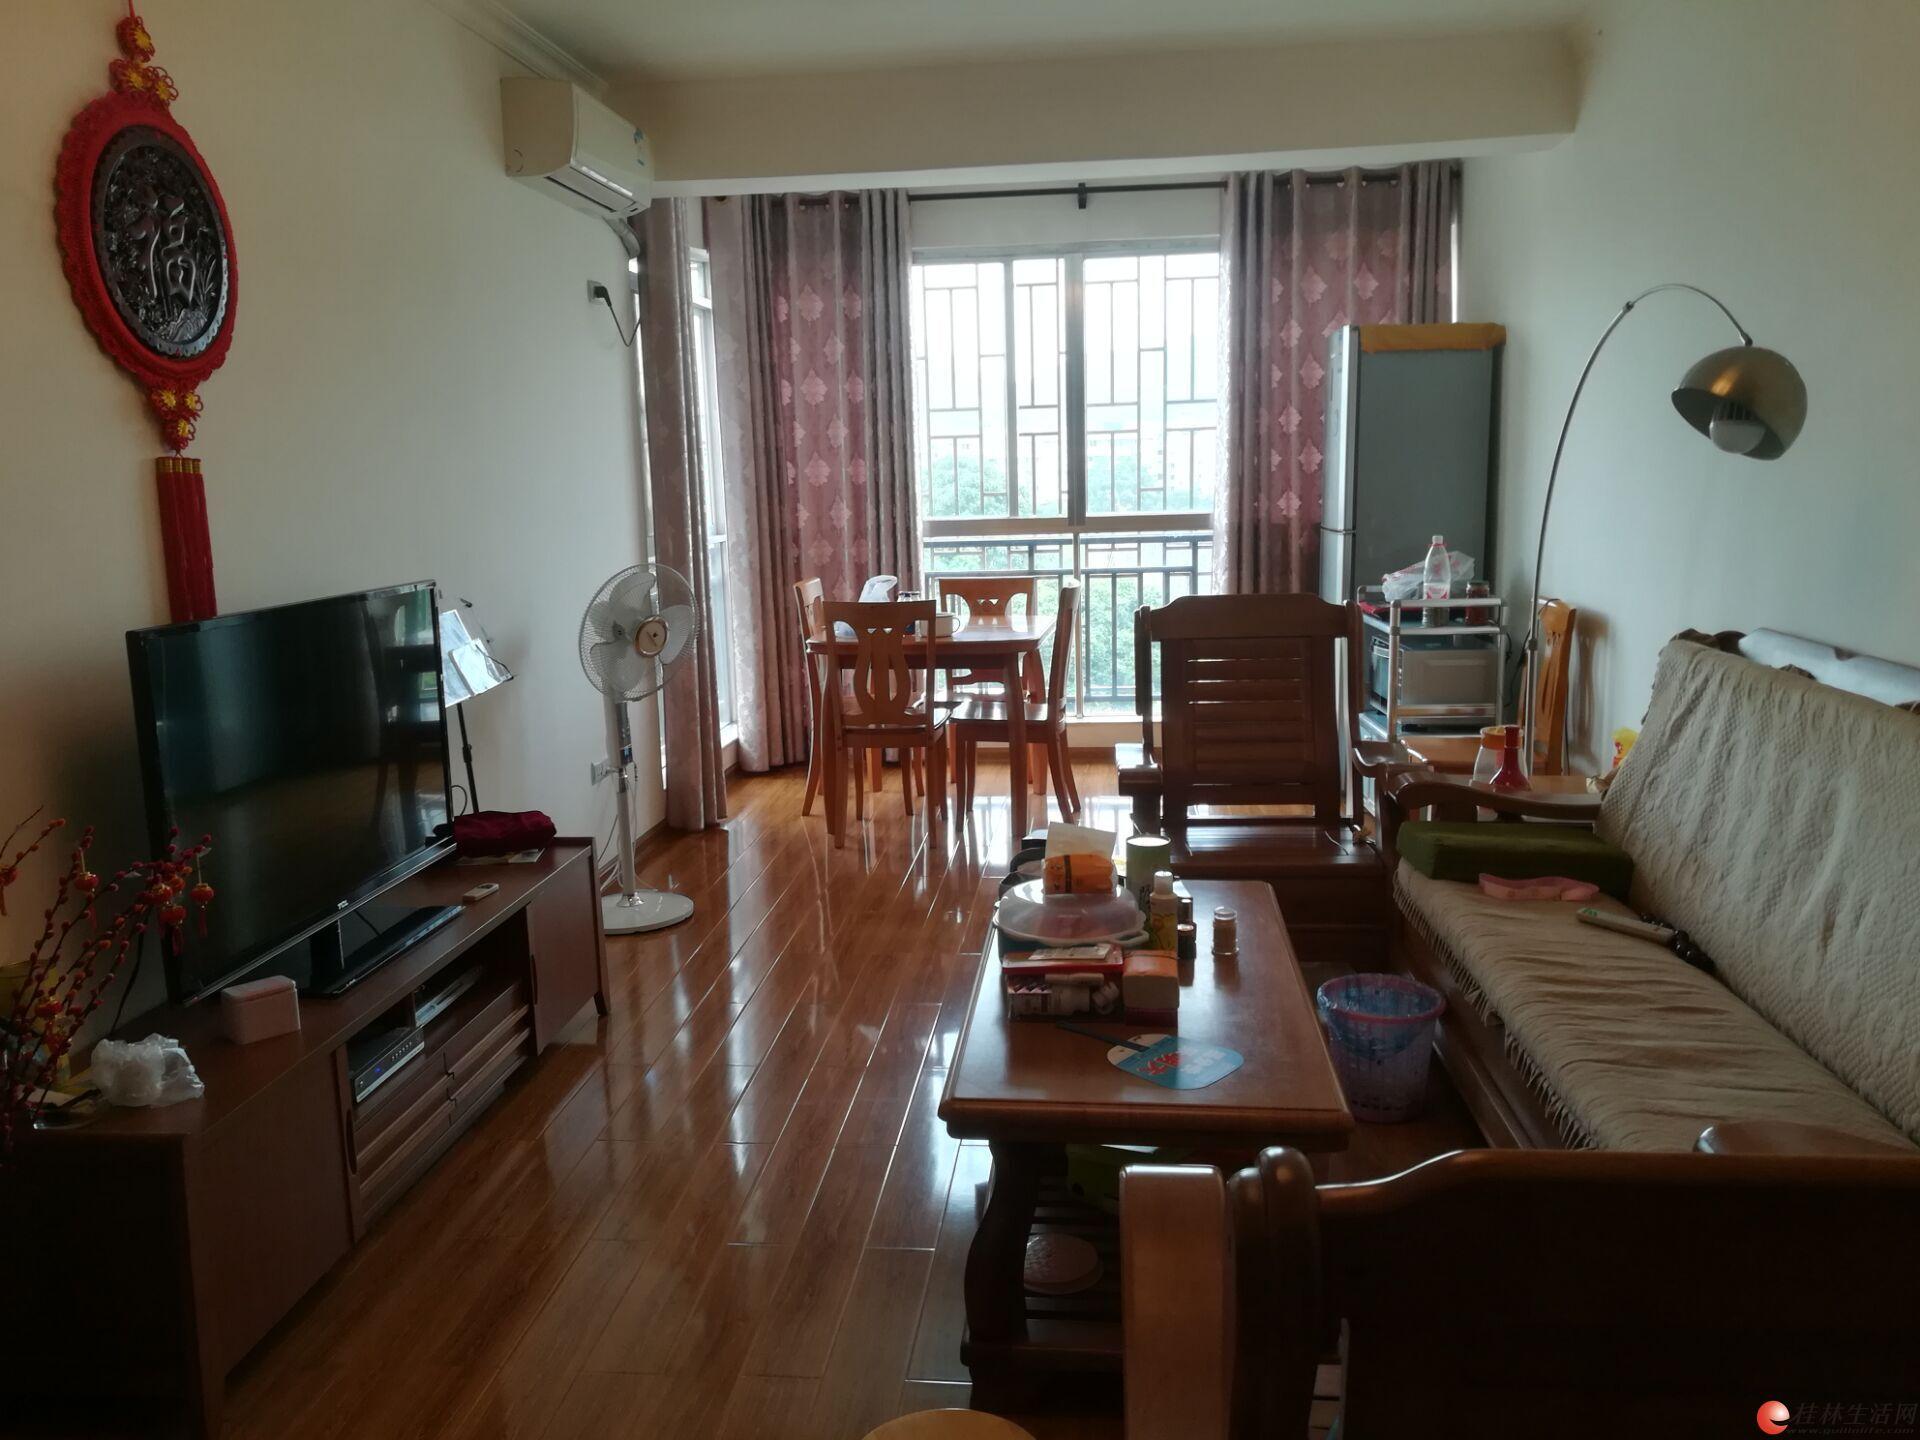 【复式楼】好房子 橘子公社精装复式3房2厅2卫122平米仅65万